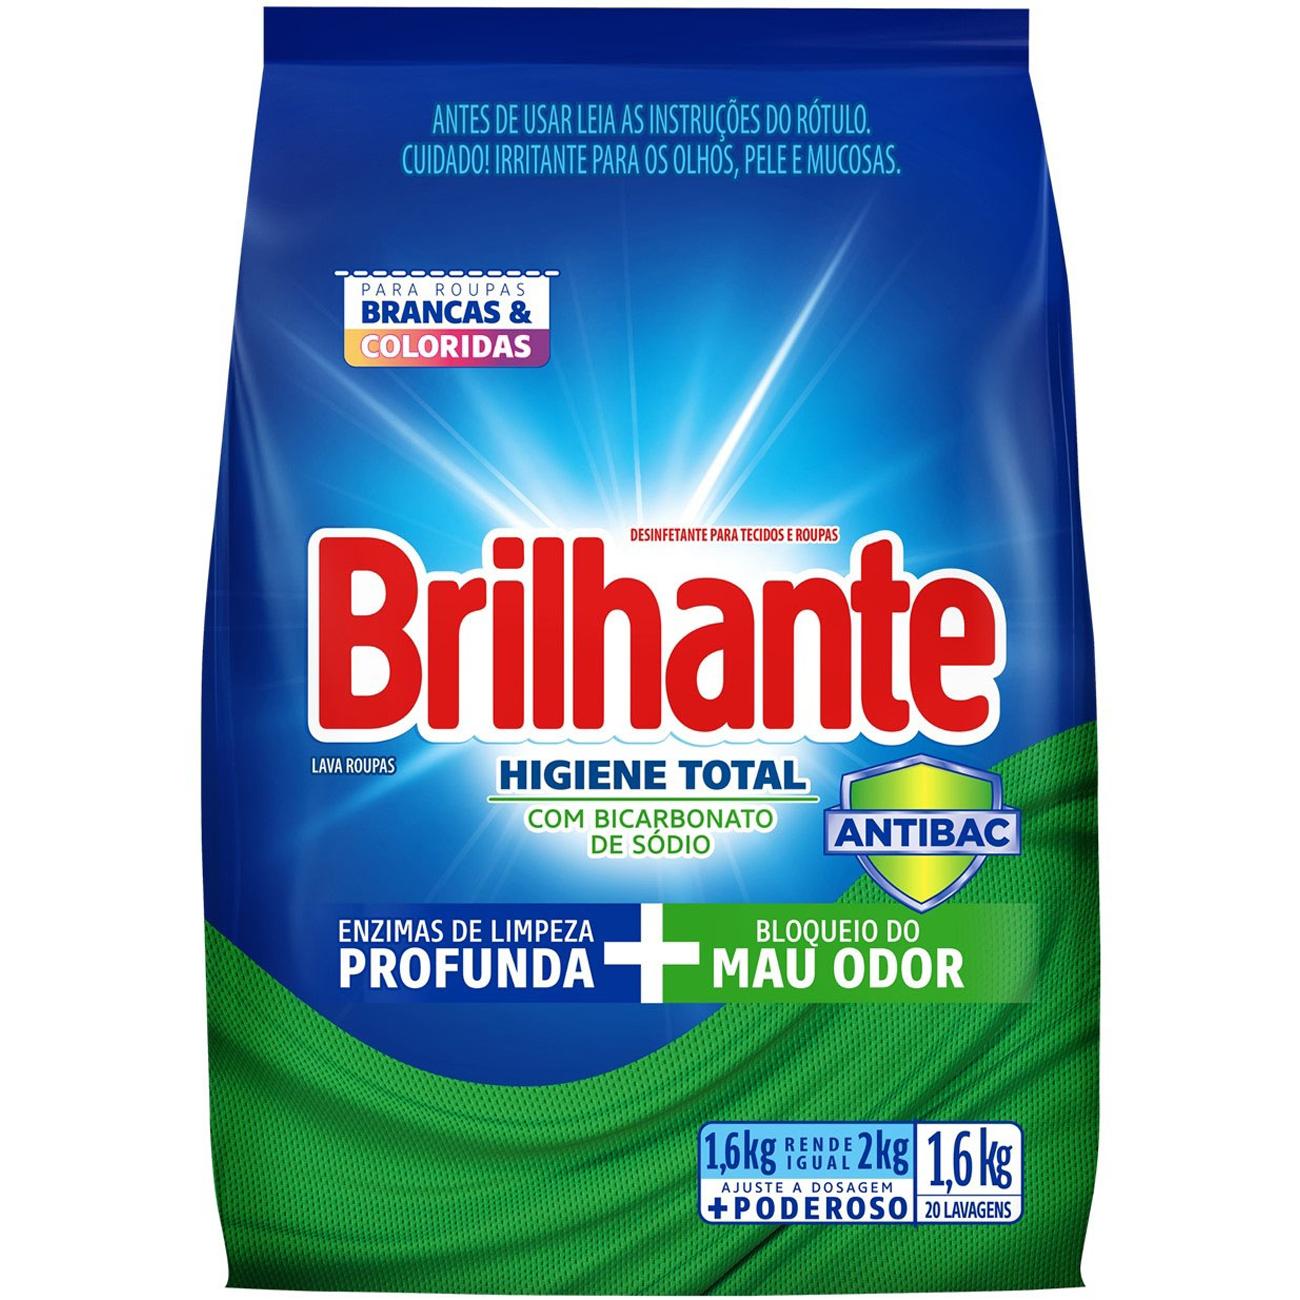 DT.PO BRILHANTE DS 1.6KG SC HIGIENE TOTAL